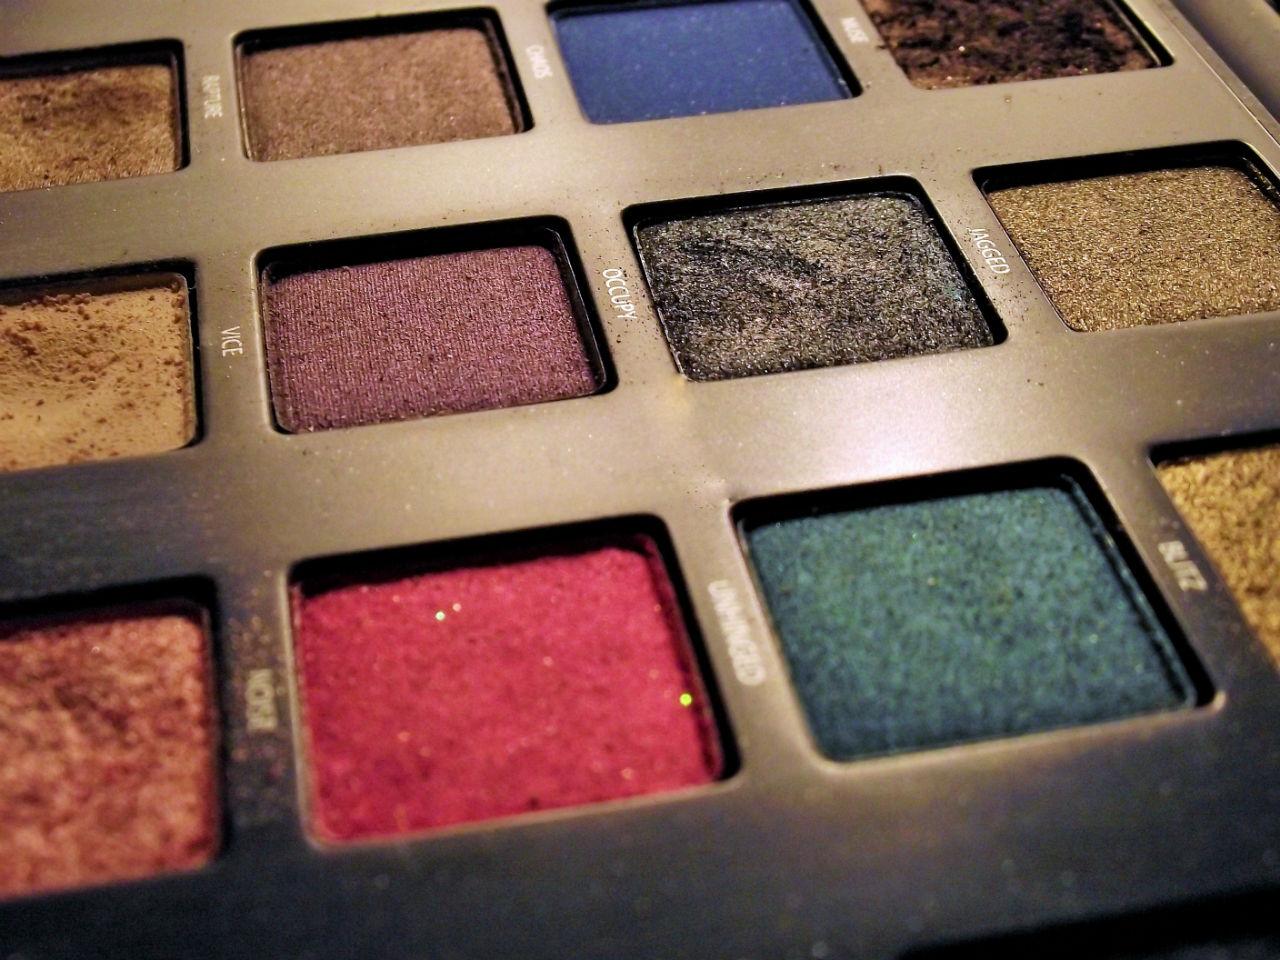 comment bien choisir les couleurs sur ma palette de maquillage. Black Bedroom Furniture Sets. Home Design Ideas